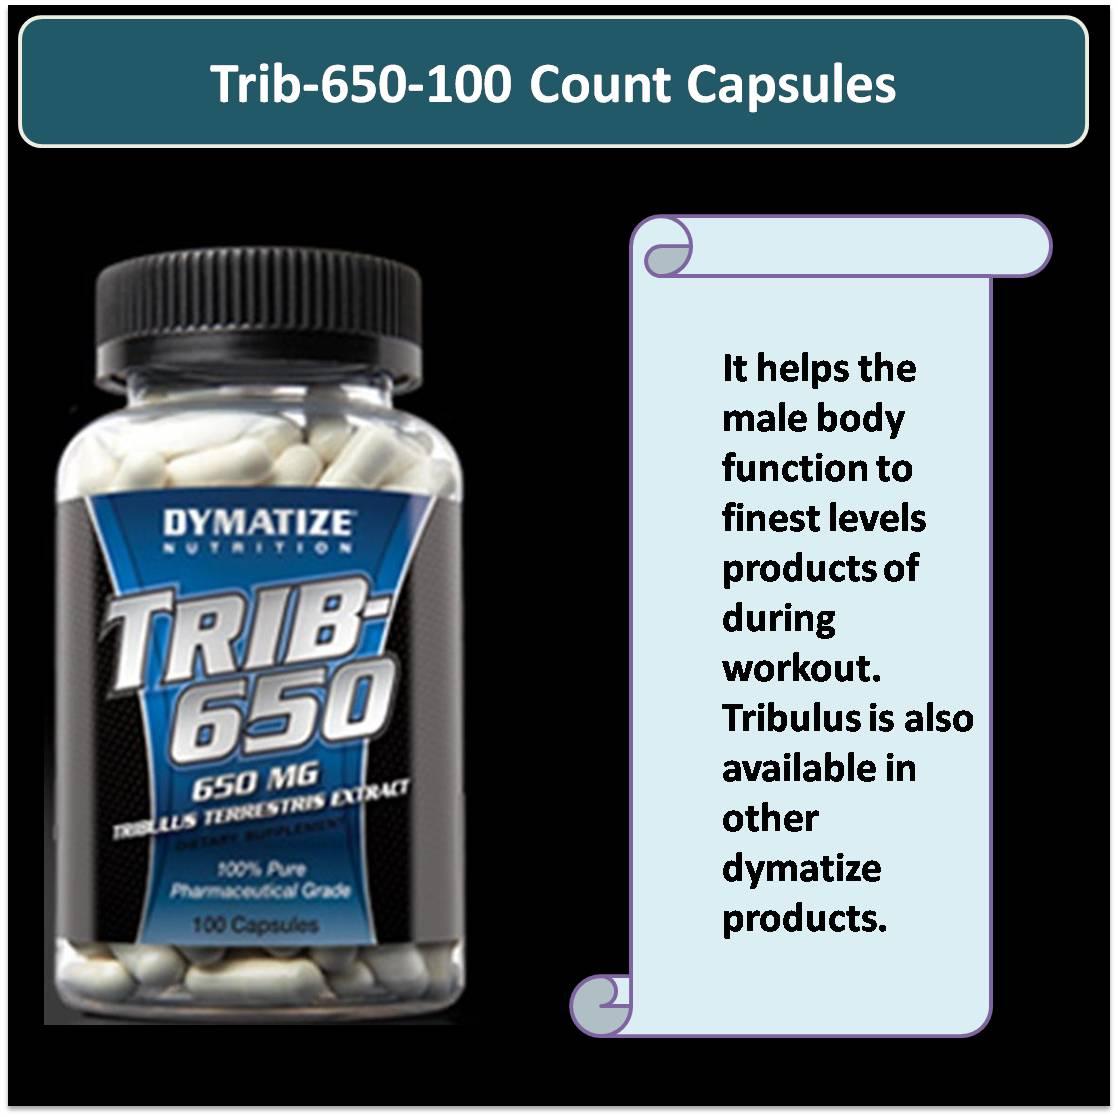 Trib-650-100 Count Capsules